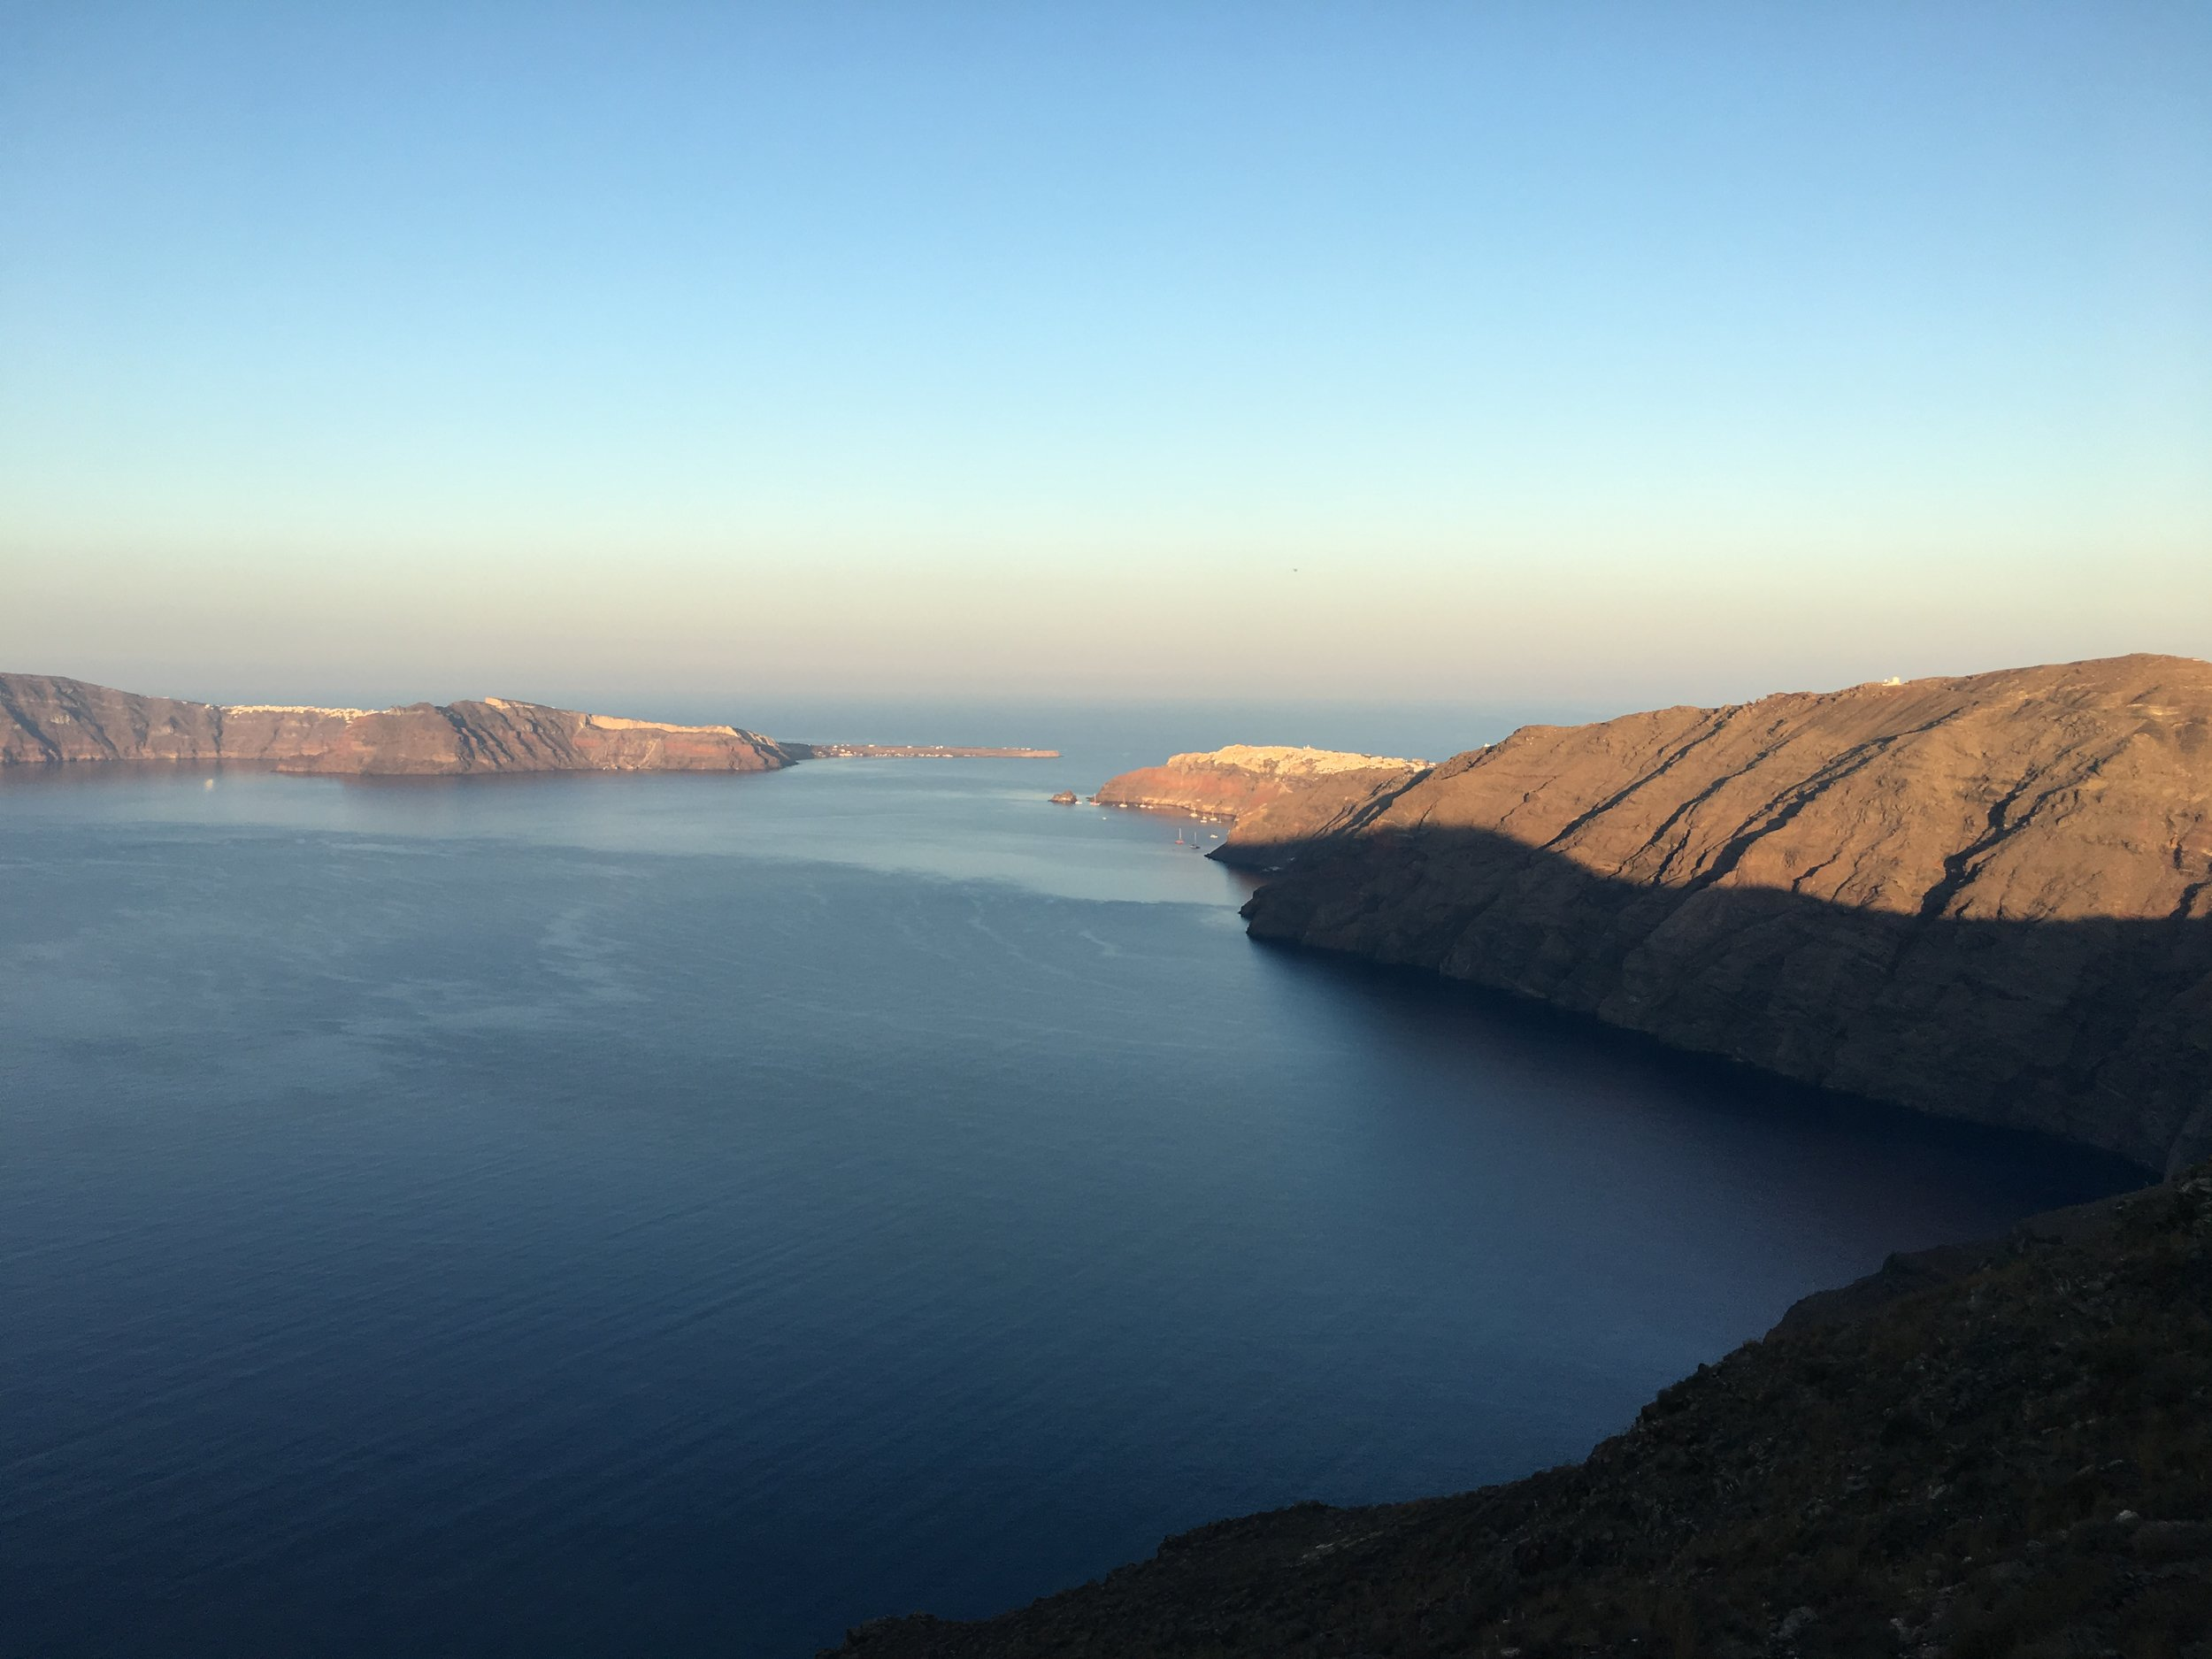 The vast Caldera